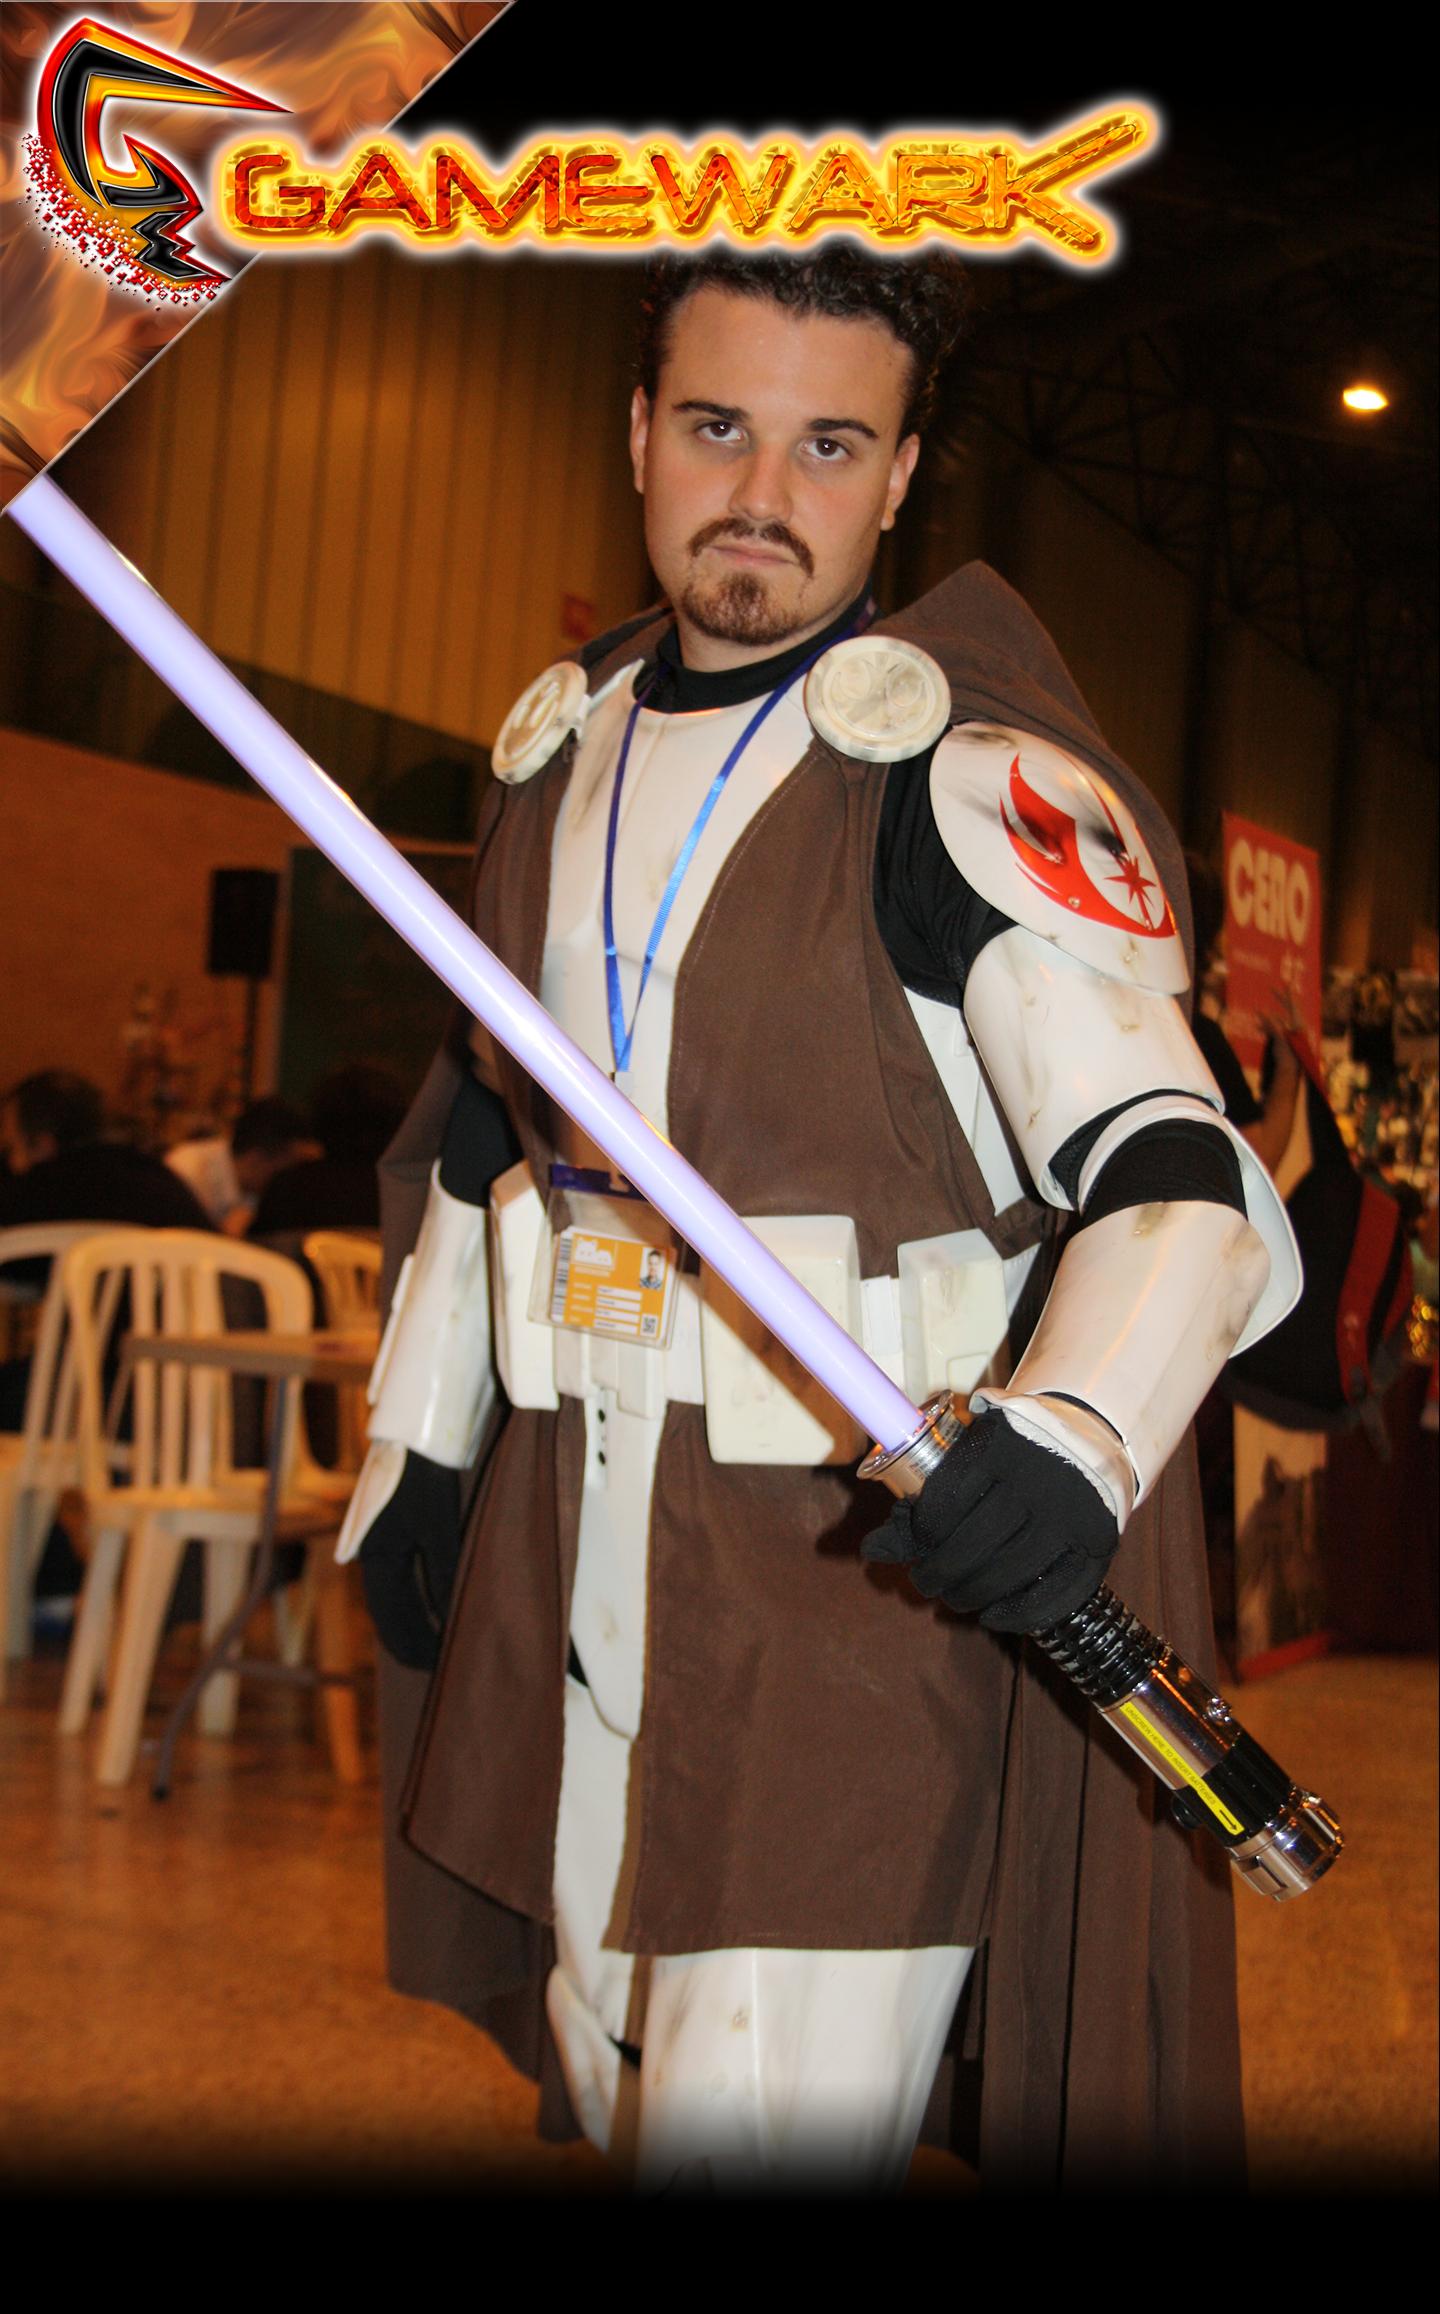 Esta es una de las muchísimas cosas que pudimos ver en el Mangafest Sevilla 2014. ¡Si no pudiste ir no te pierdas el resto de nuestro tablero!